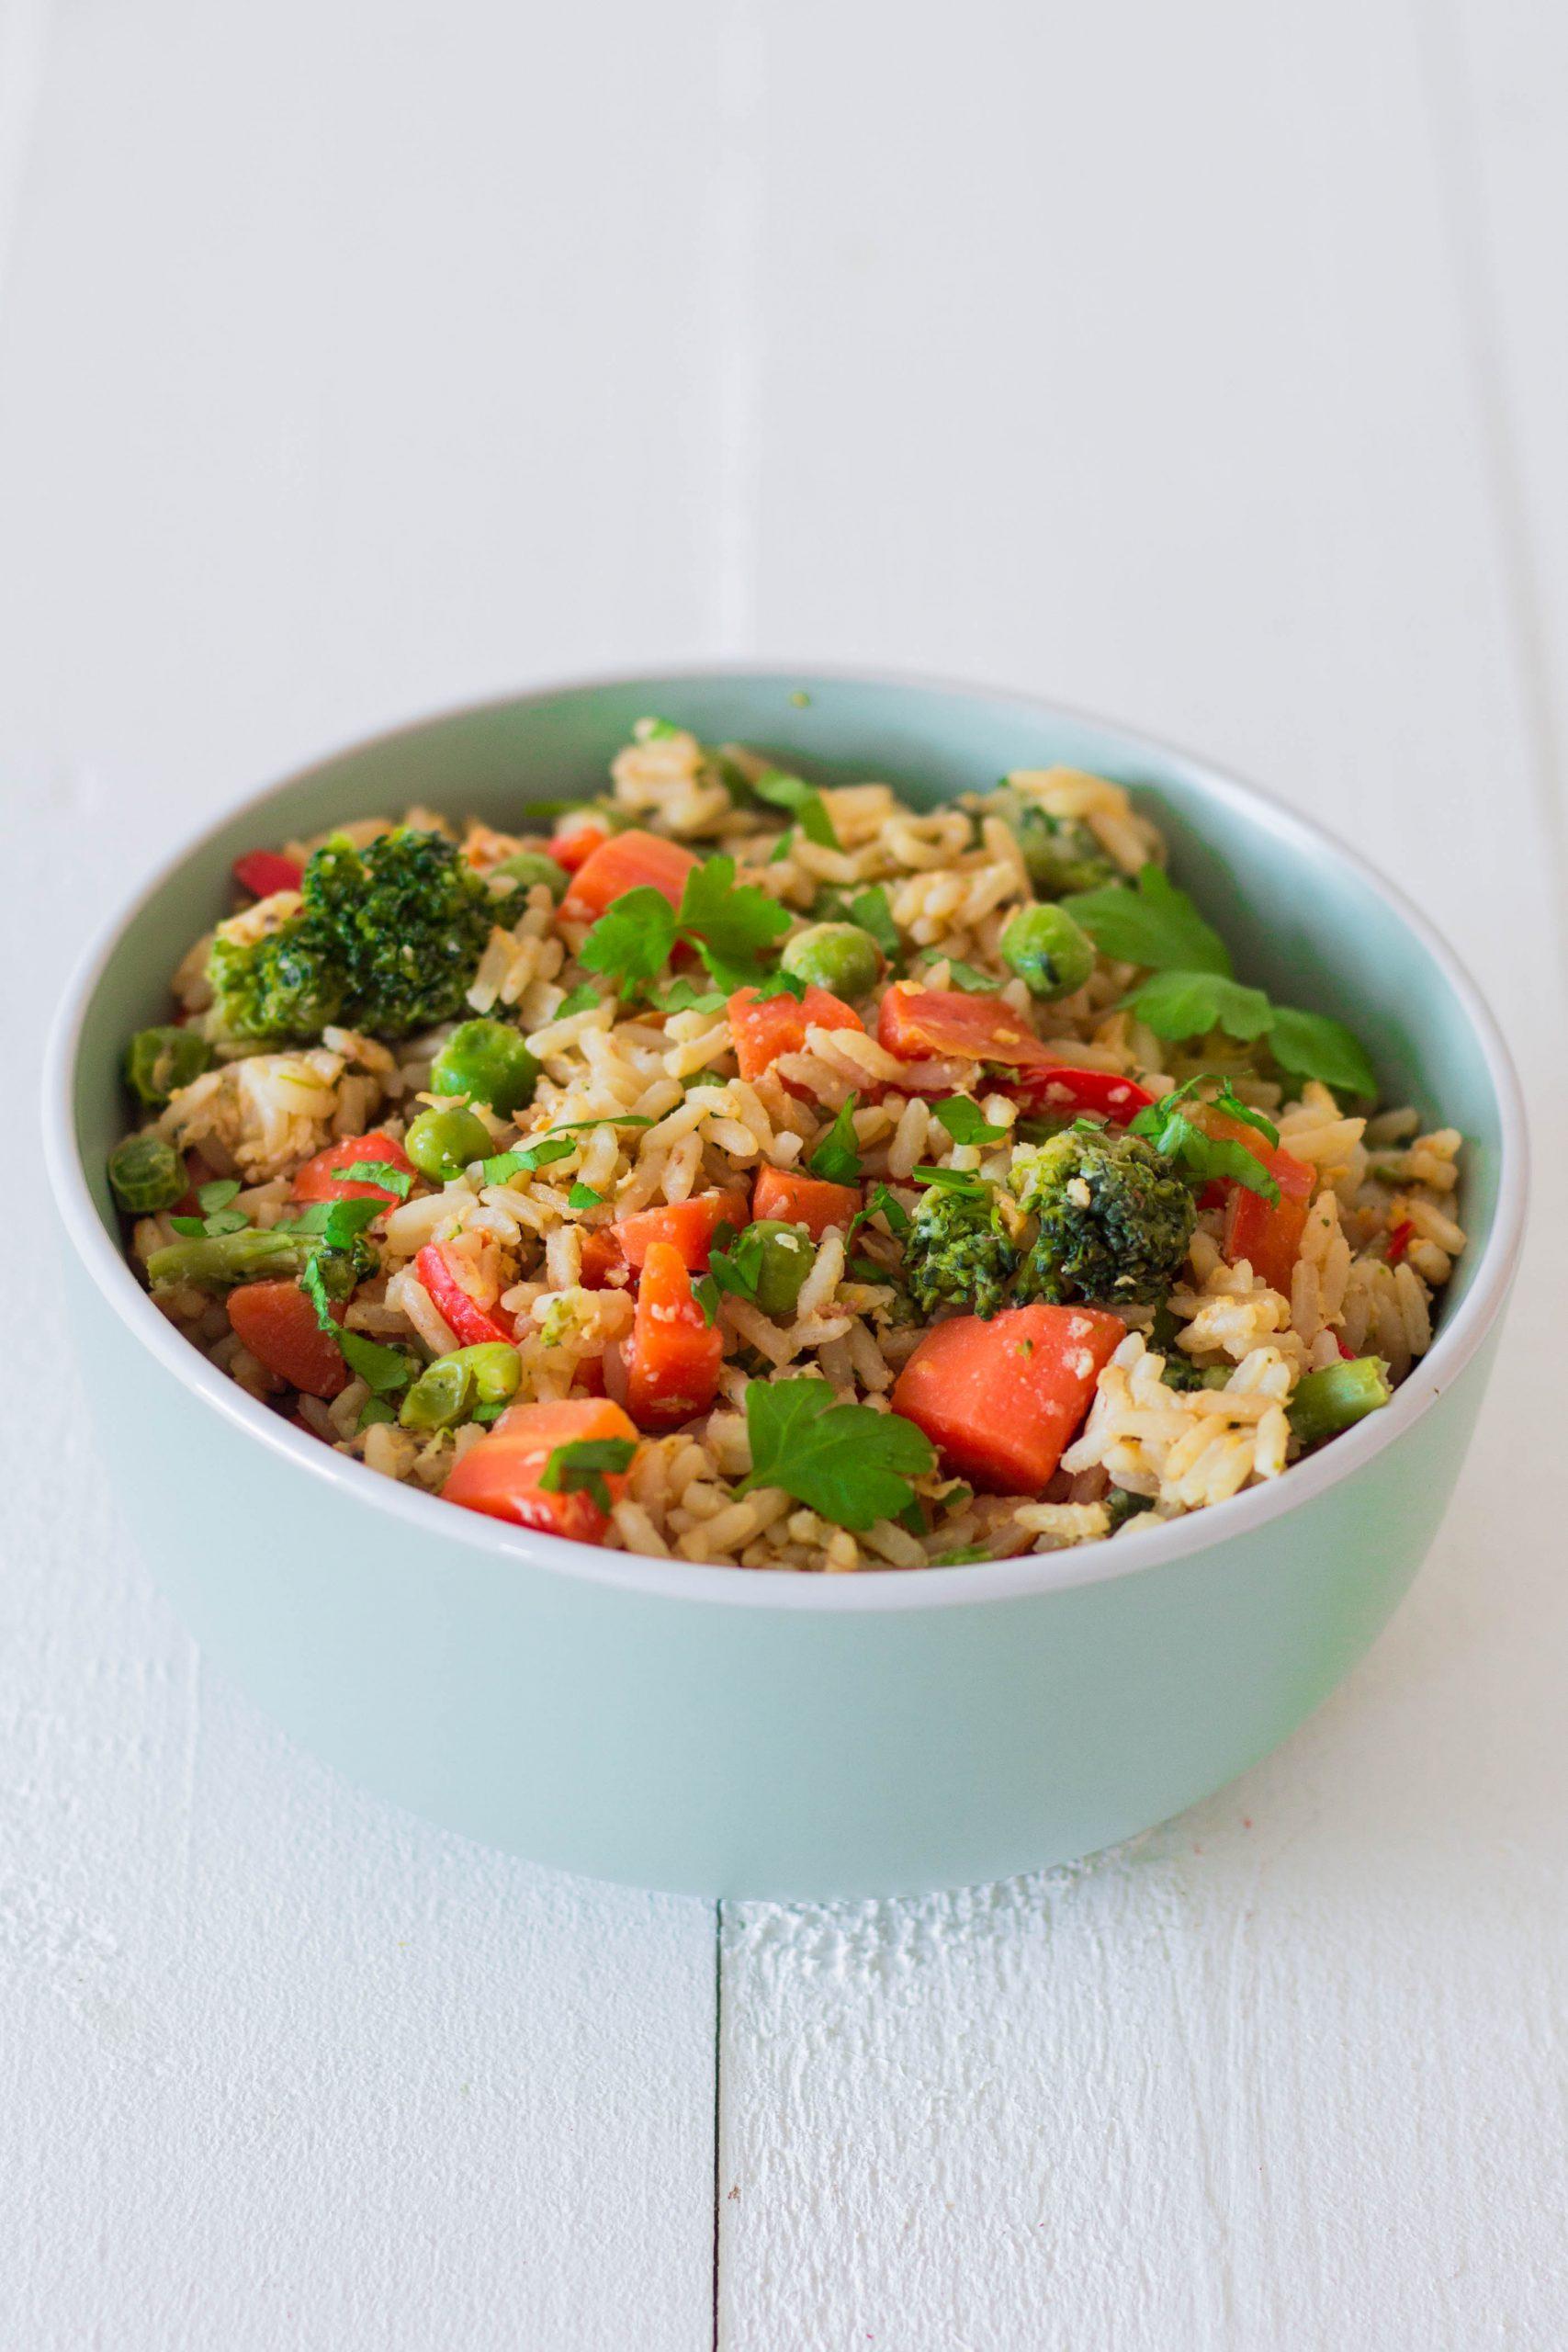 Gebratener Reis mit Ei und Gemüse - leckeres Mittagessen für die ganze Familie